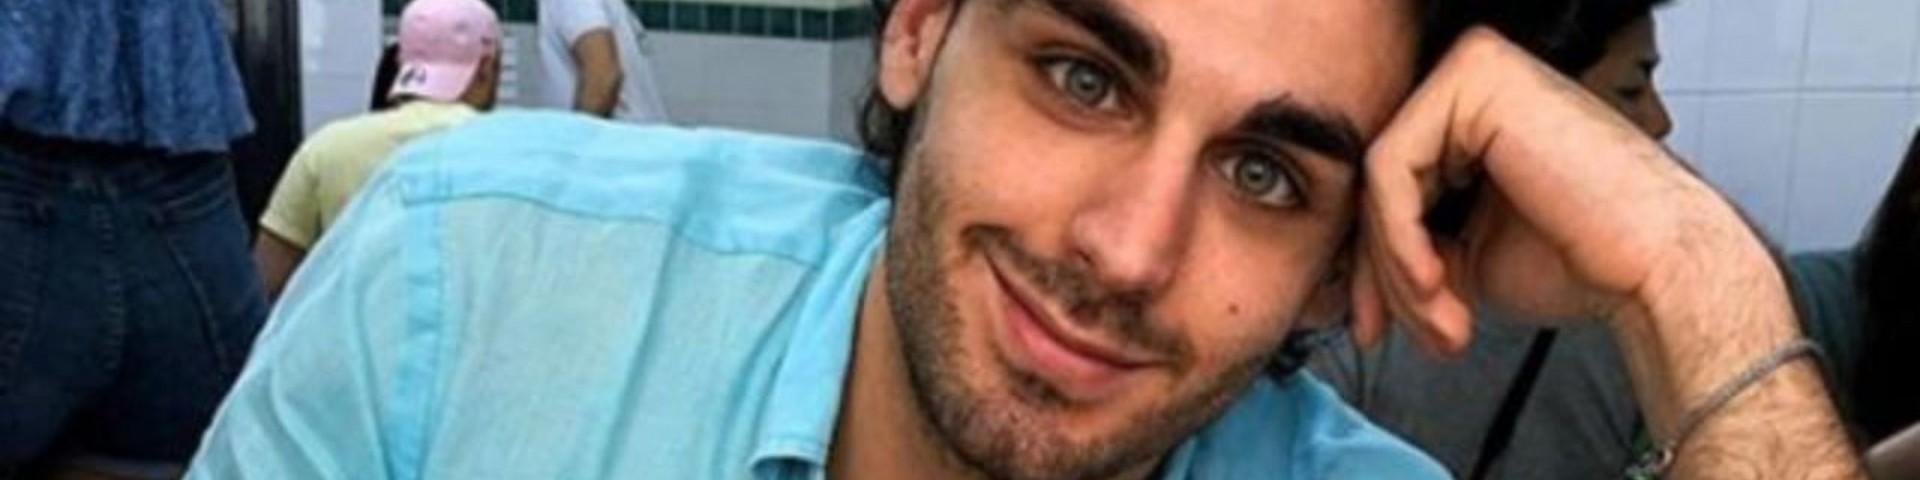 Alberto Urso annuncia i primi concerti: svelate date e città